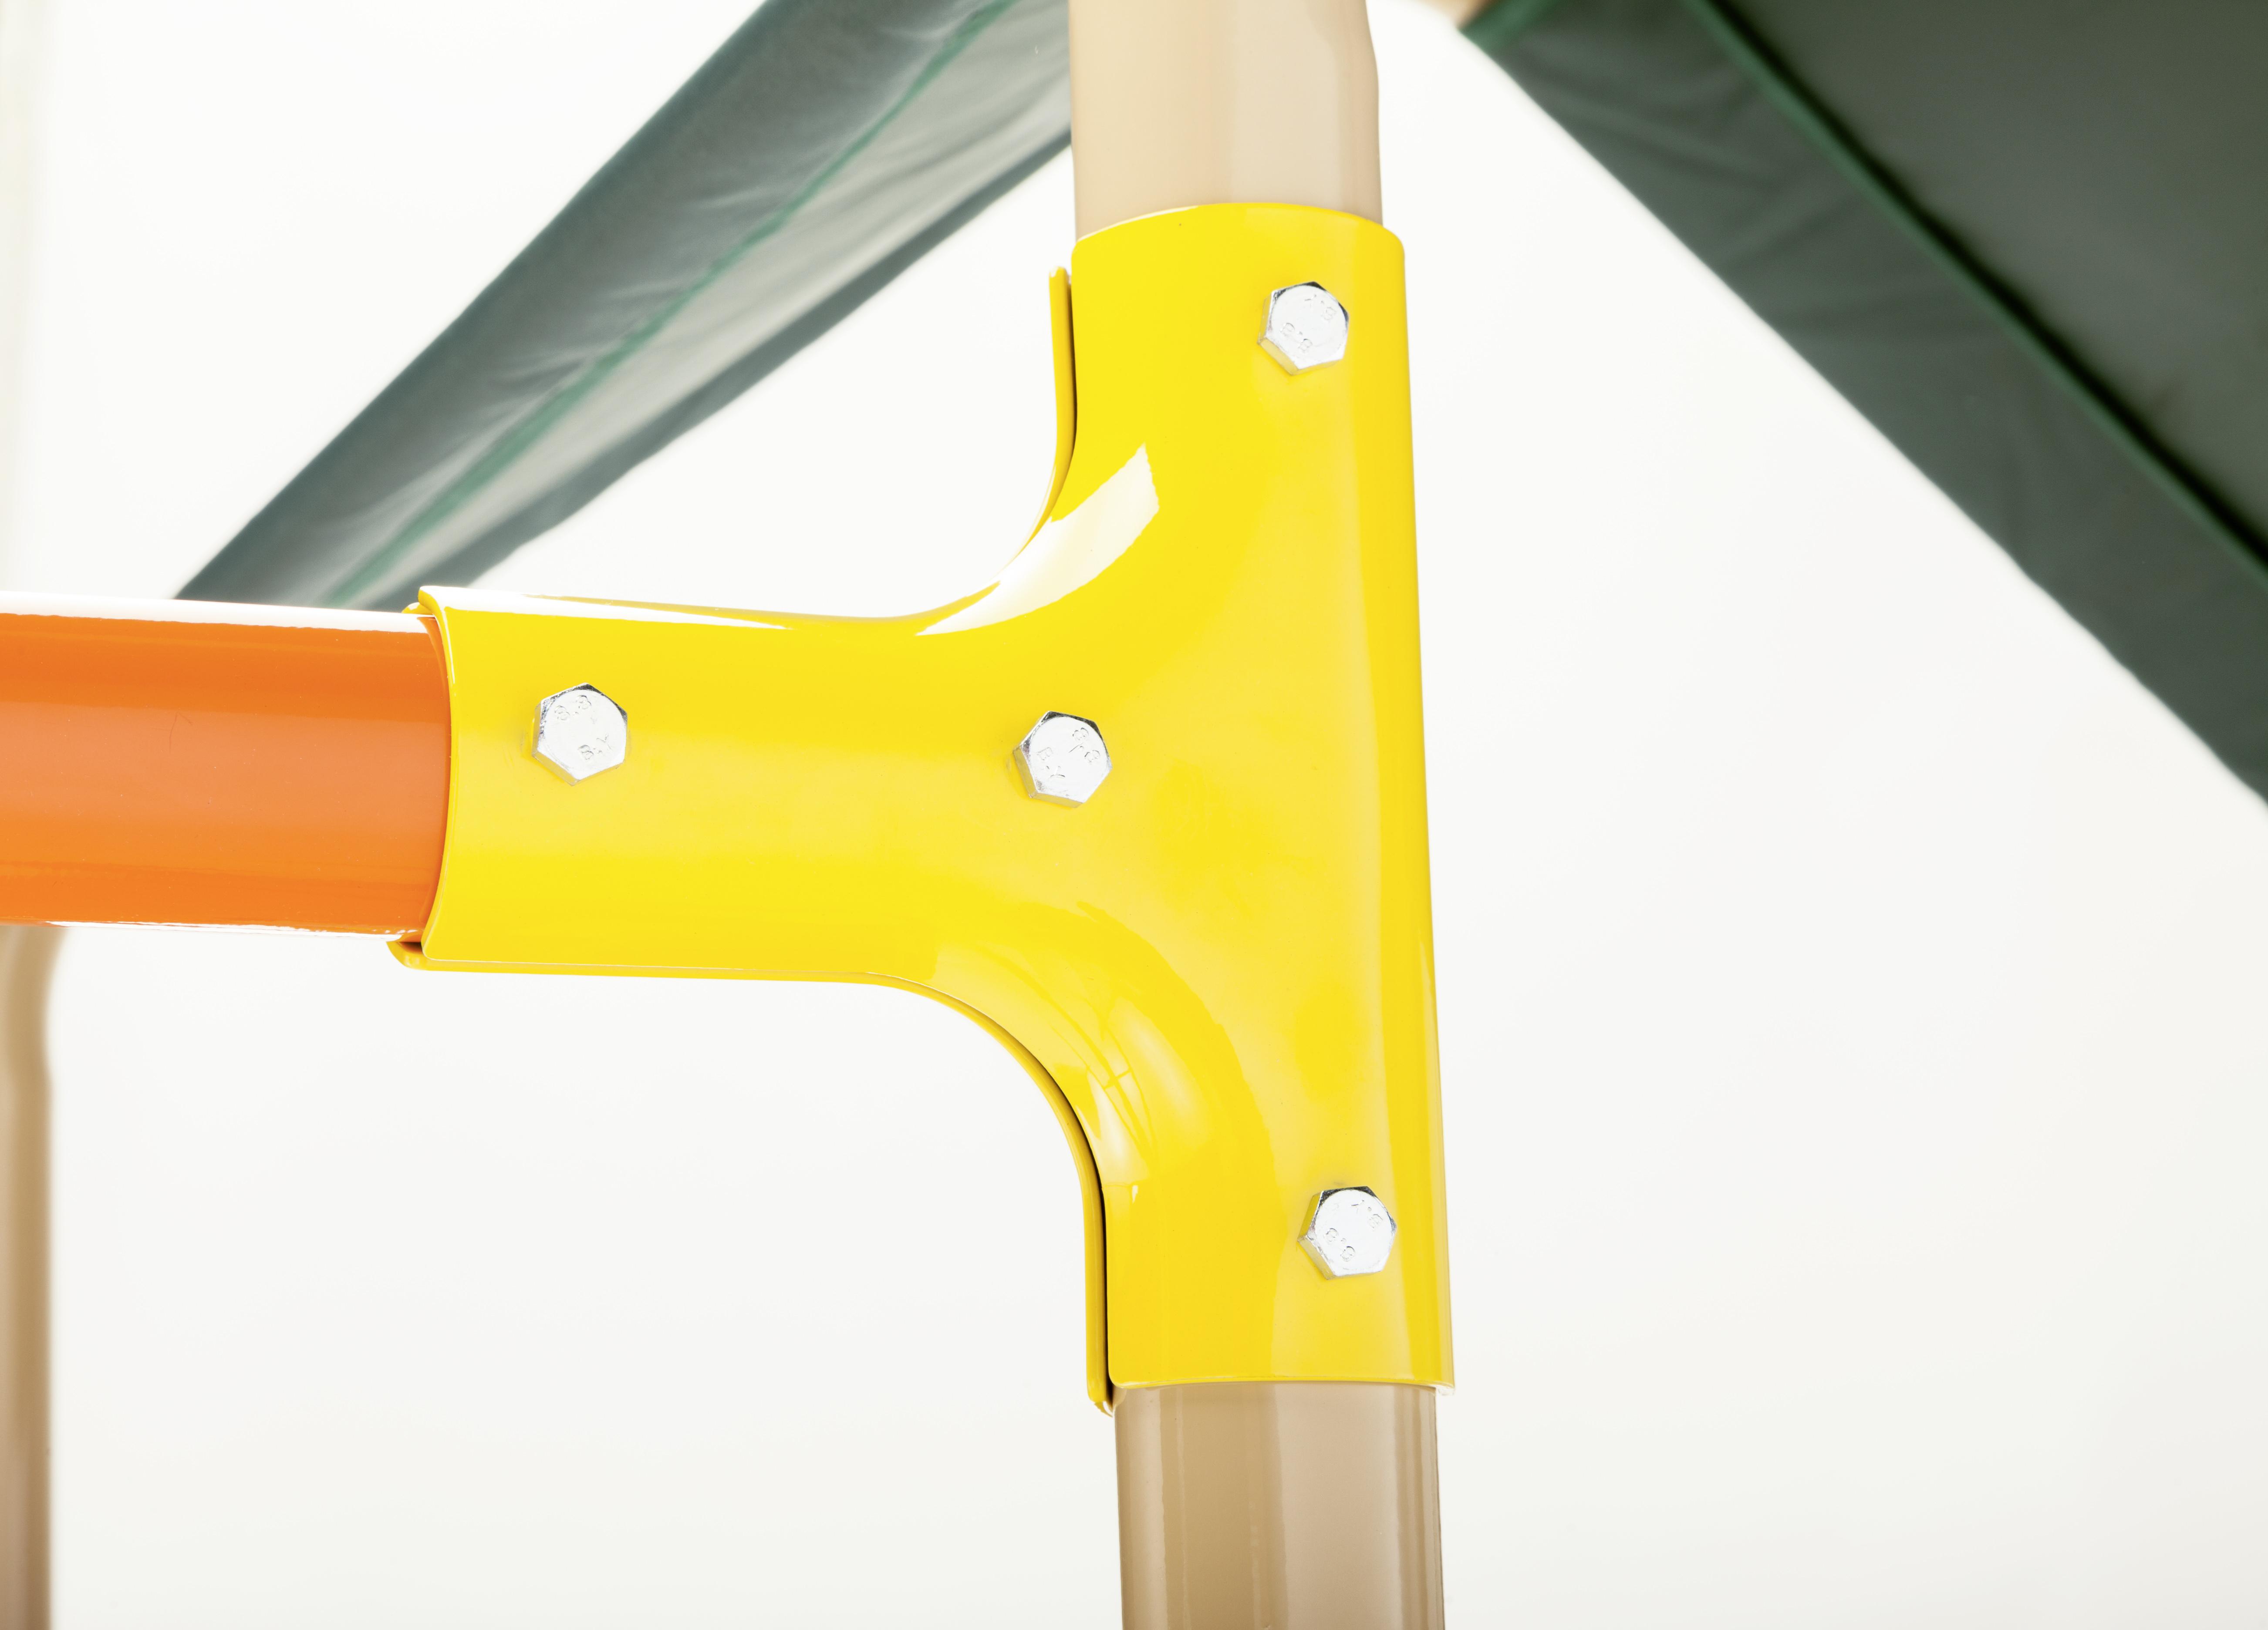 Kettler Klettergerüst Trimmstation : Kettler spielturm günstig kaufen geld sparen bei mitvollemdampf